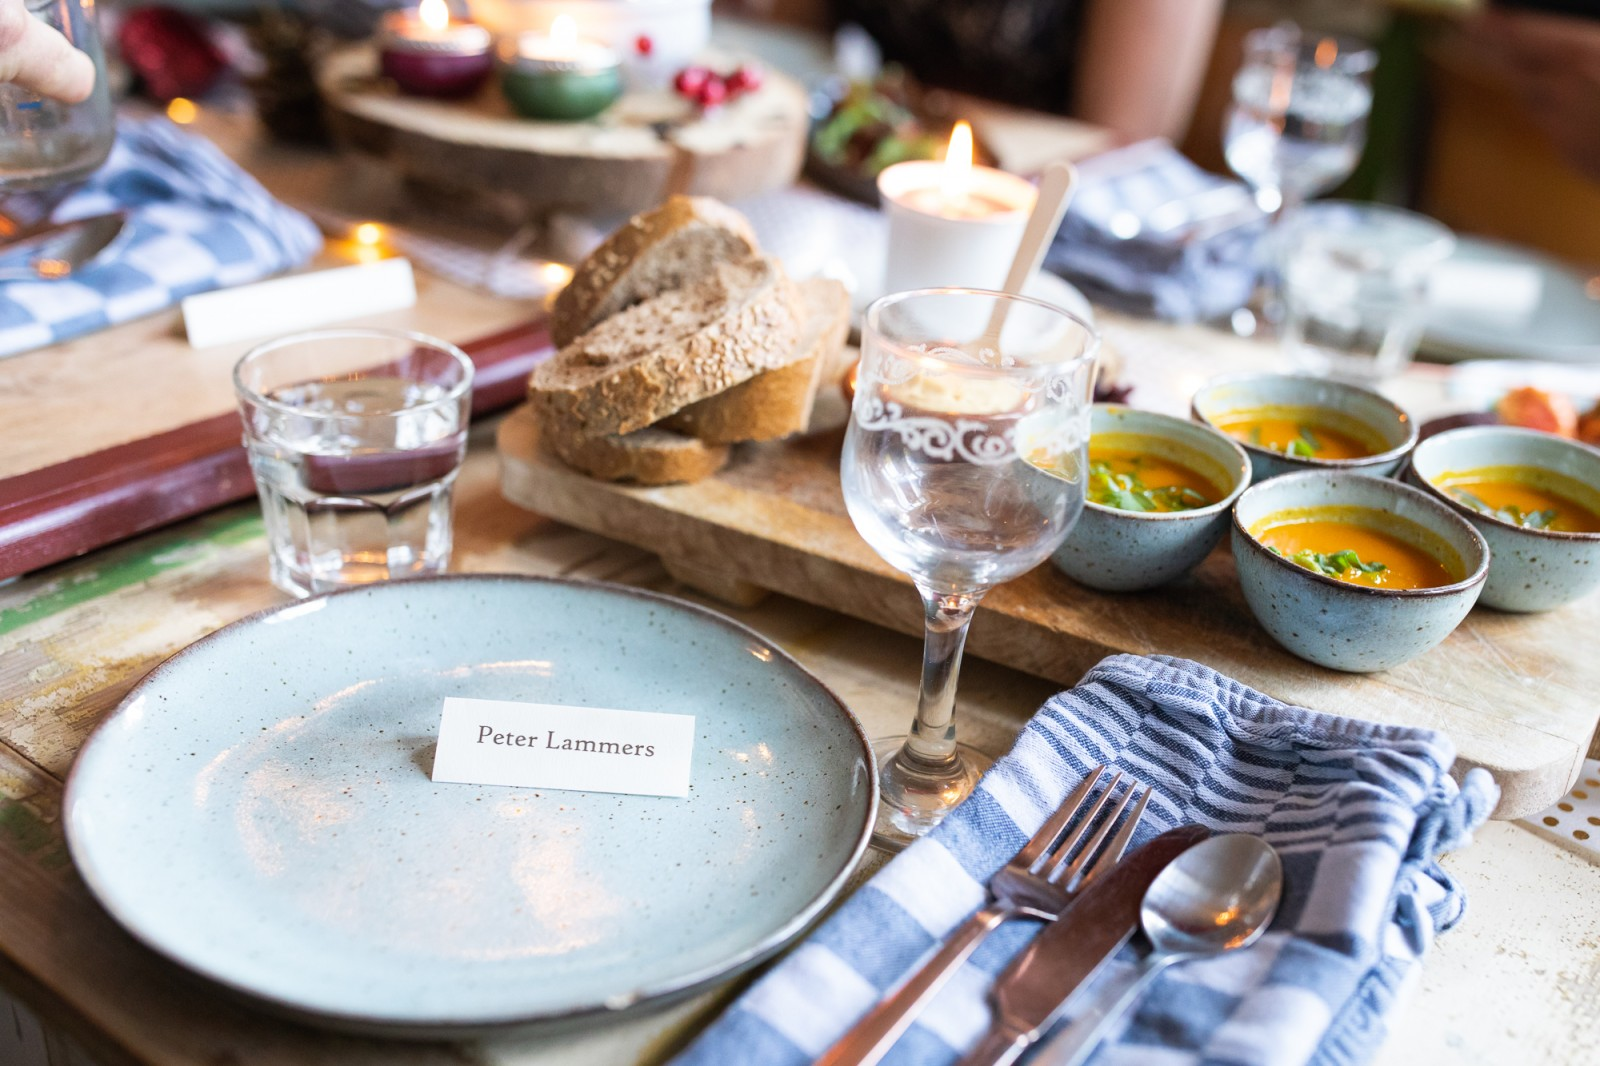 Diner bij Hotel Gaia - bruiloft - fotograaf Peter Lammers